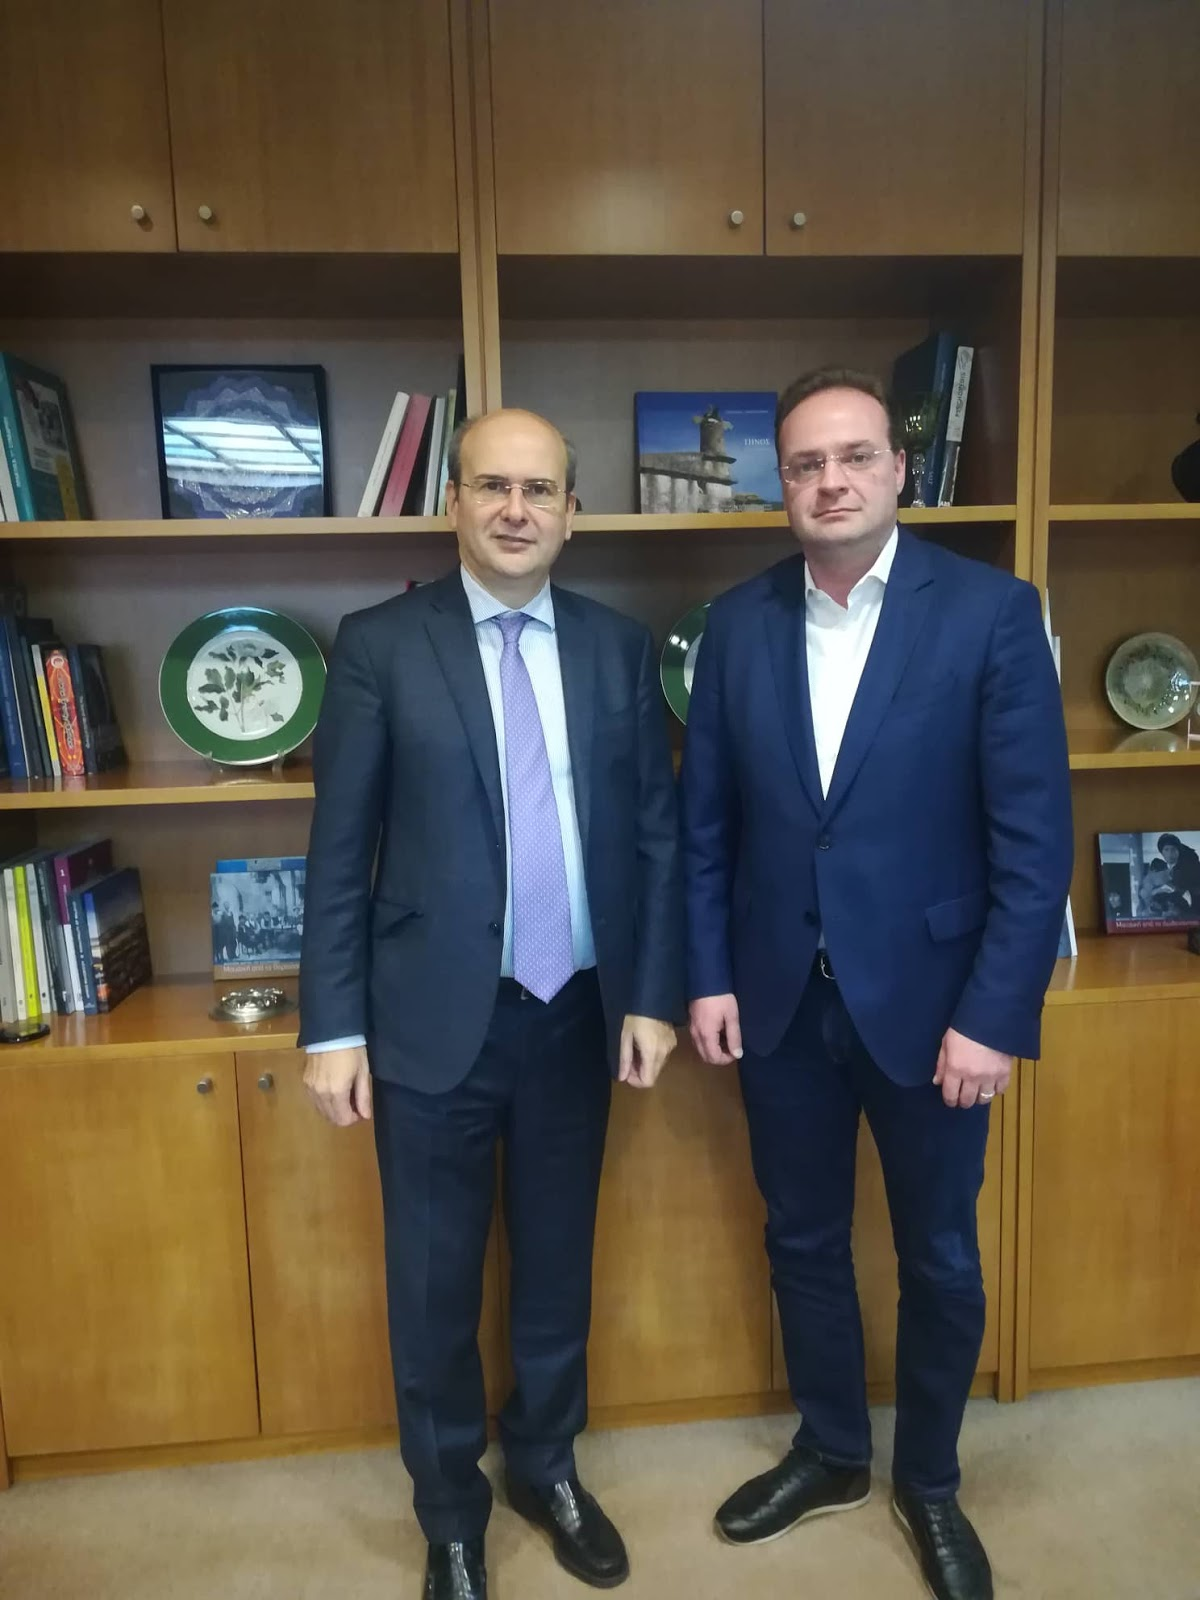 Δήλωση Δημάρχου Αριστοτέλη Στ.Βαλιάνου για τη συνάντηση με τον Υπουργό Περιβάλλοντος και Ενέργειας Κ.Χατζηδάκη